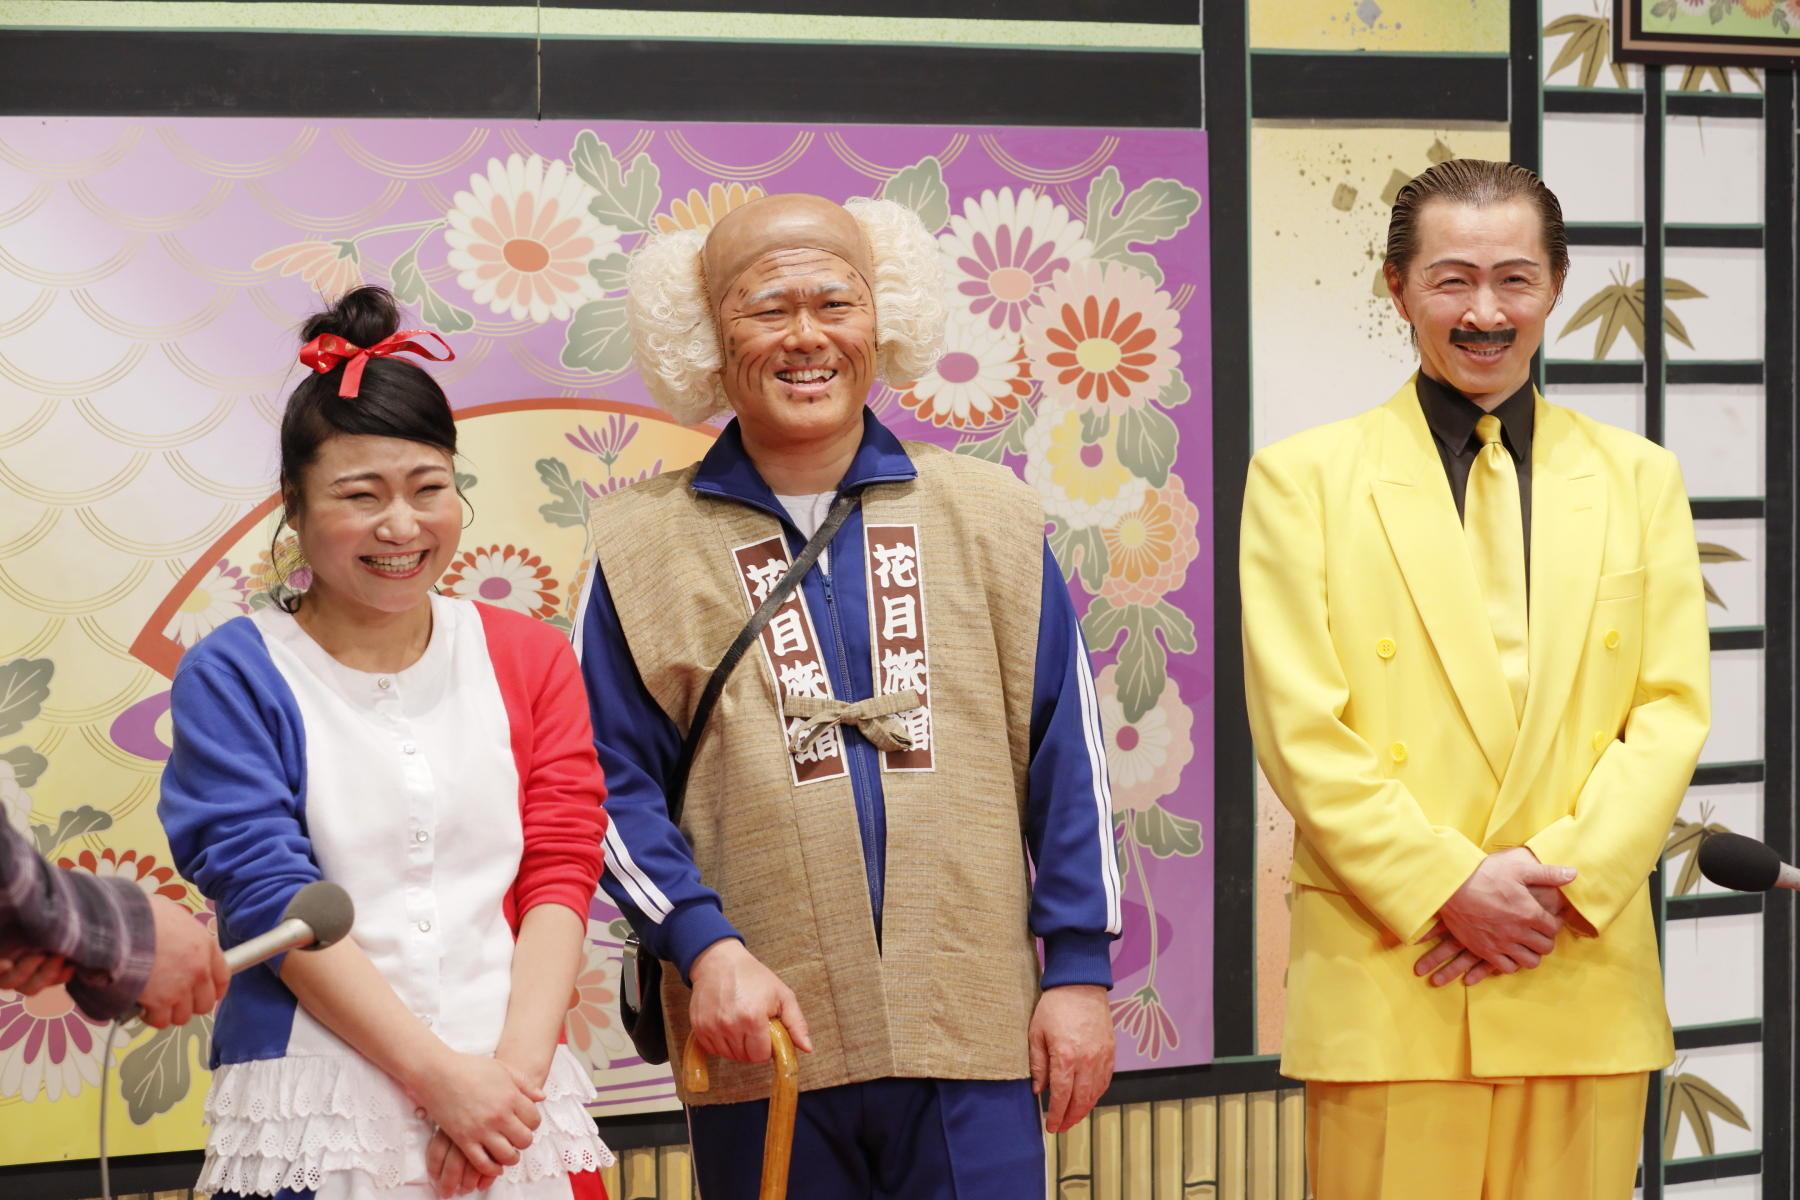 http://news.yoshimoto.co.jp/20180111234809-62dc074ca06bb1817aba7e571f3132c5f0f6897d.jpg